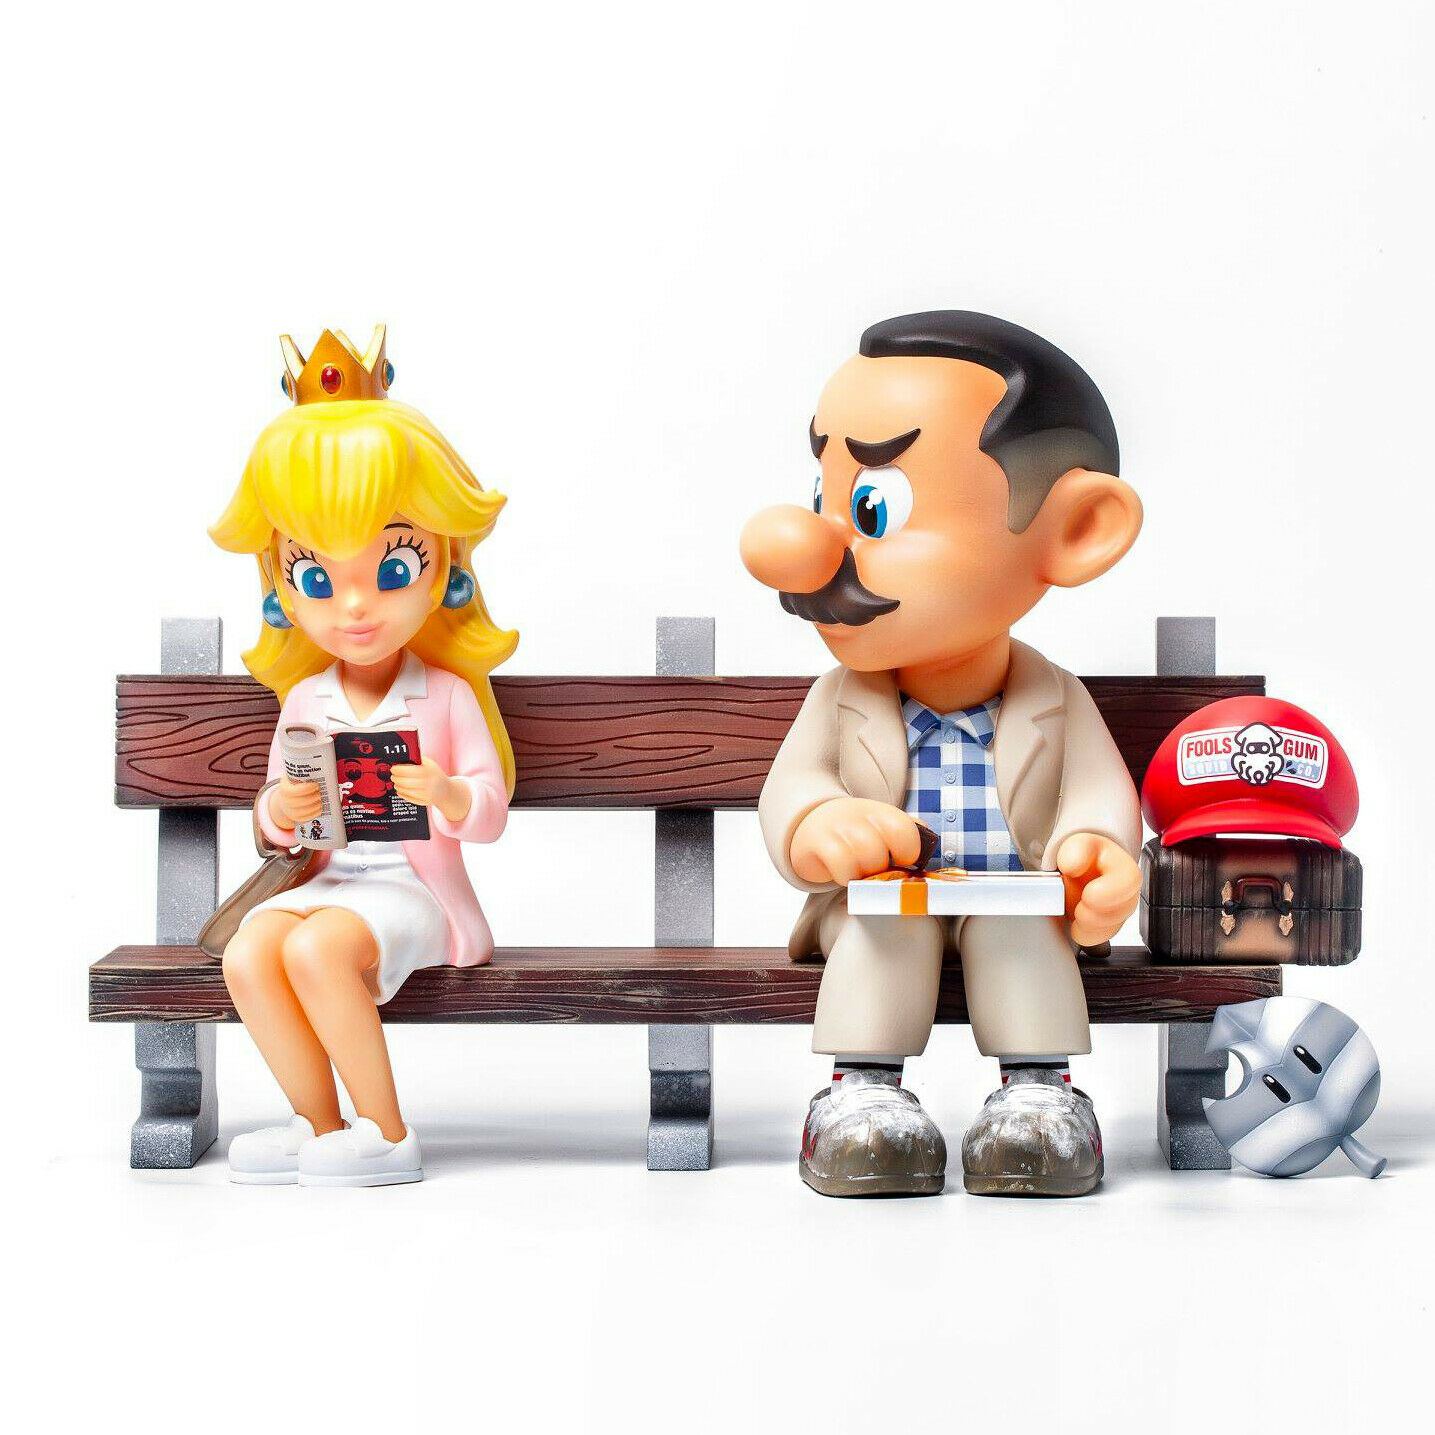 Fools Paradise Super Run Mario Forrest Gump 100% Designer Authentic Figure Toy